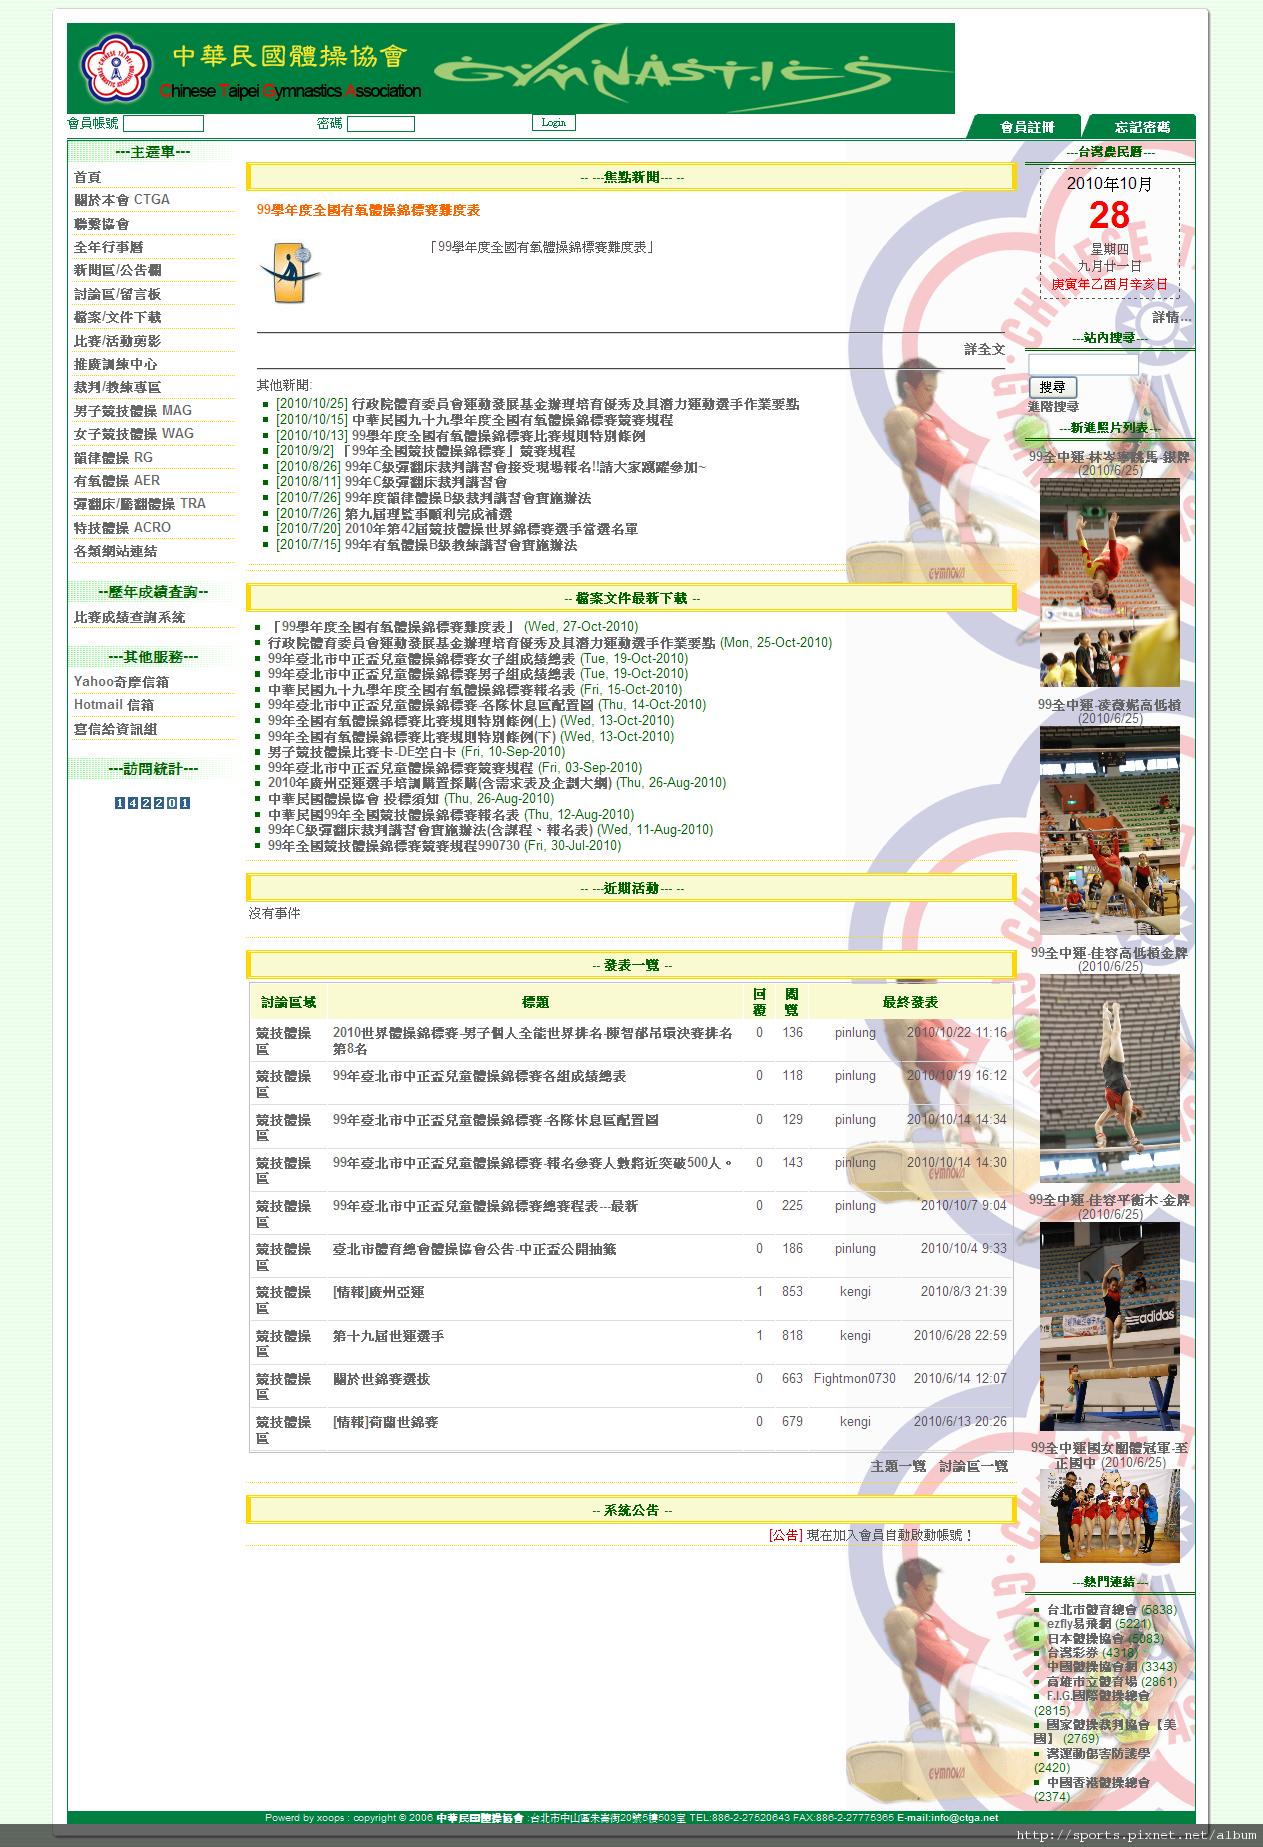 中華民國體操協會 - C.T.G.A._1288255428013.png